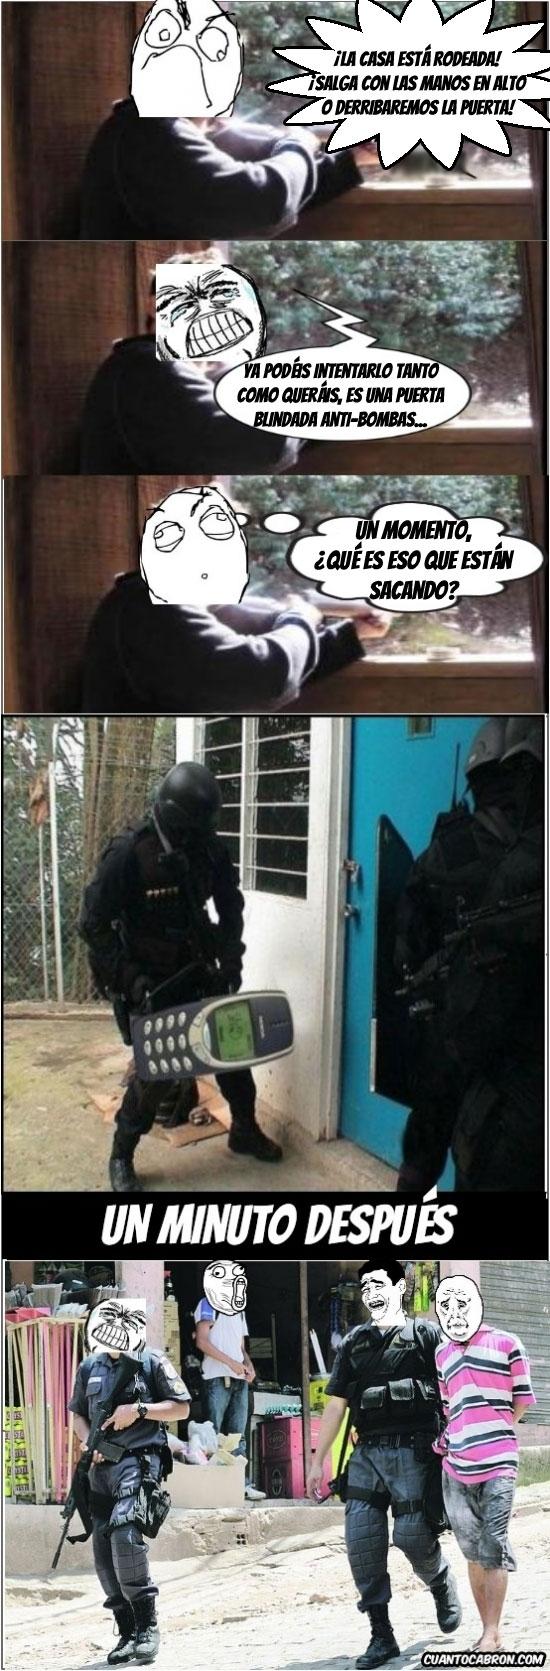 Yao - Los SWAT mejoran su equipamiento